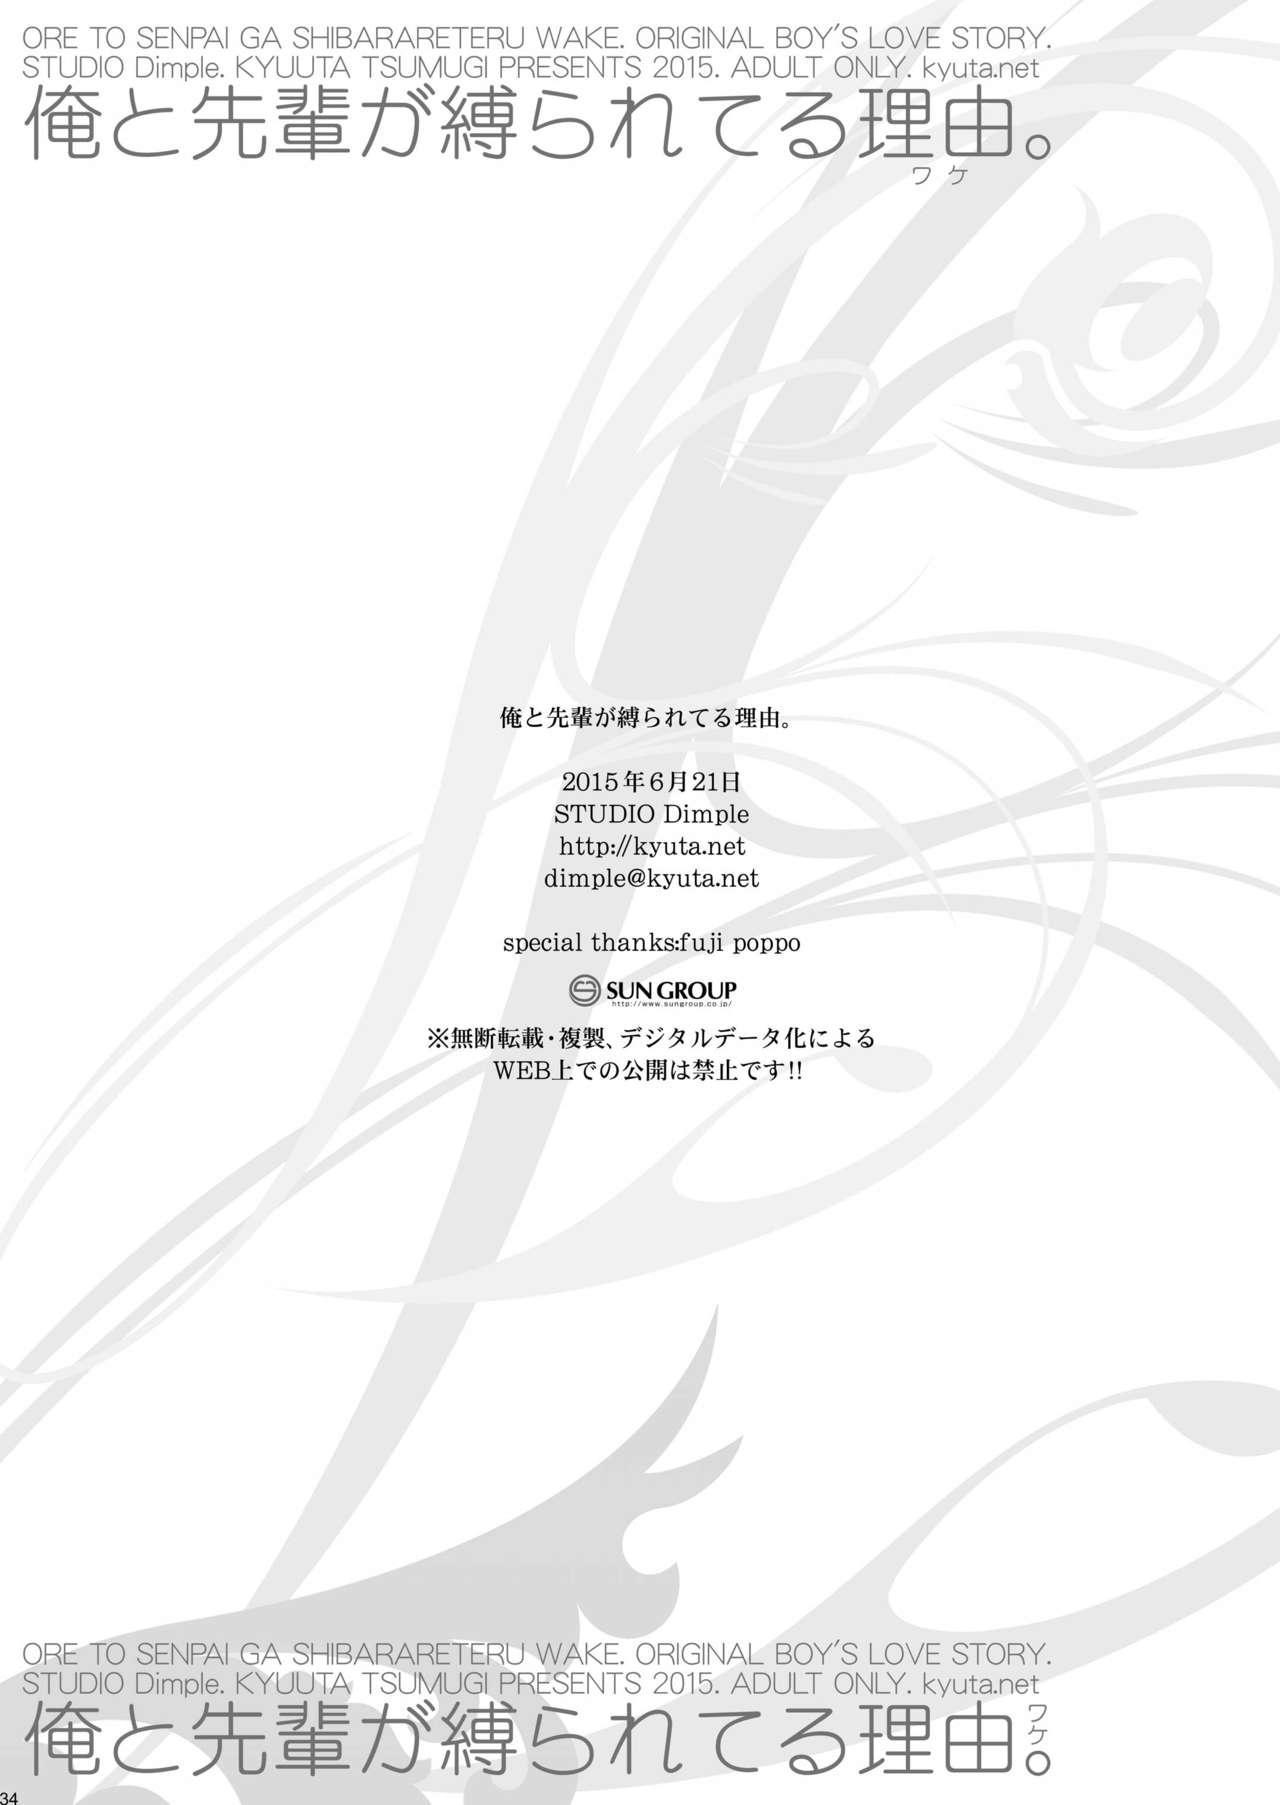 Ore to Senpai ga Shibarateru Wake. 33